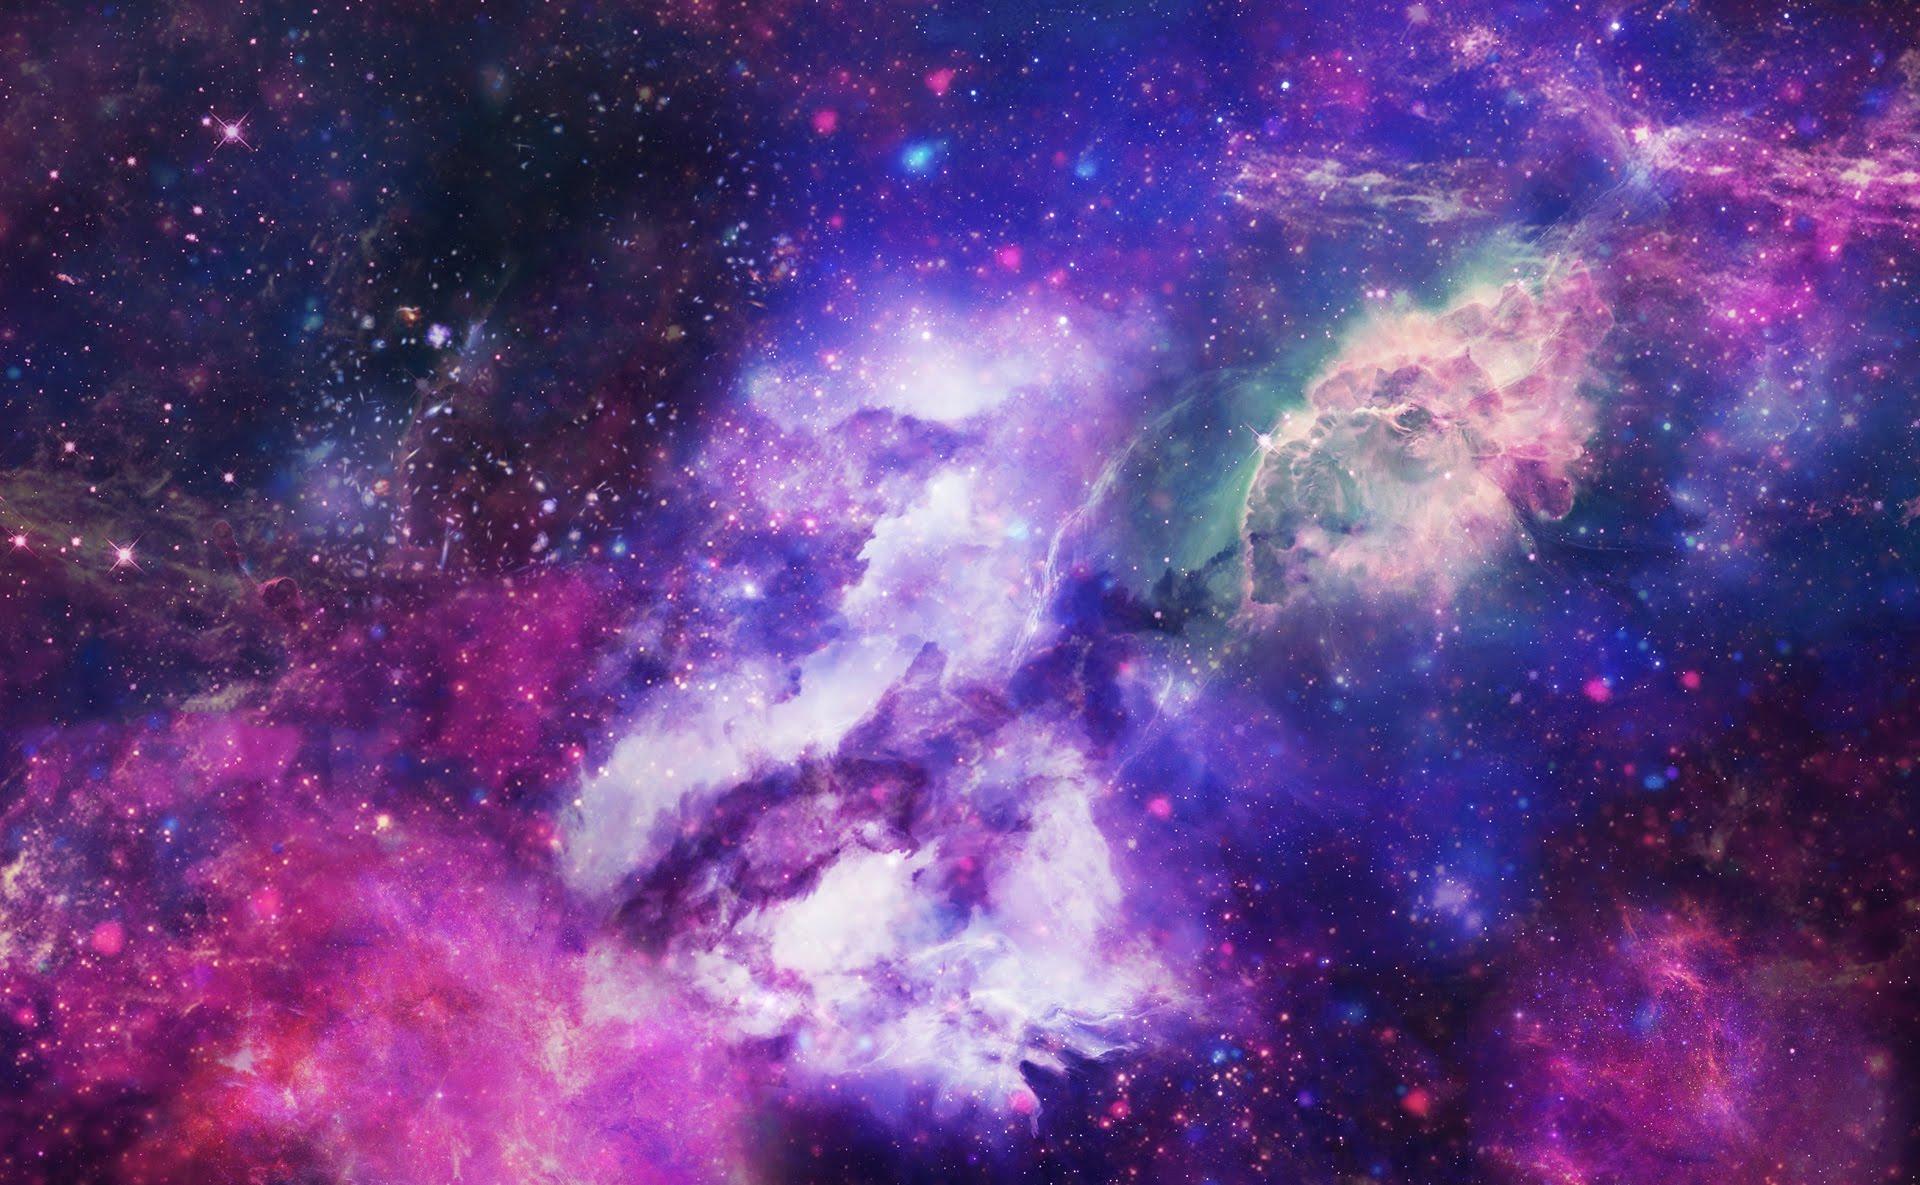 космос картинки свега